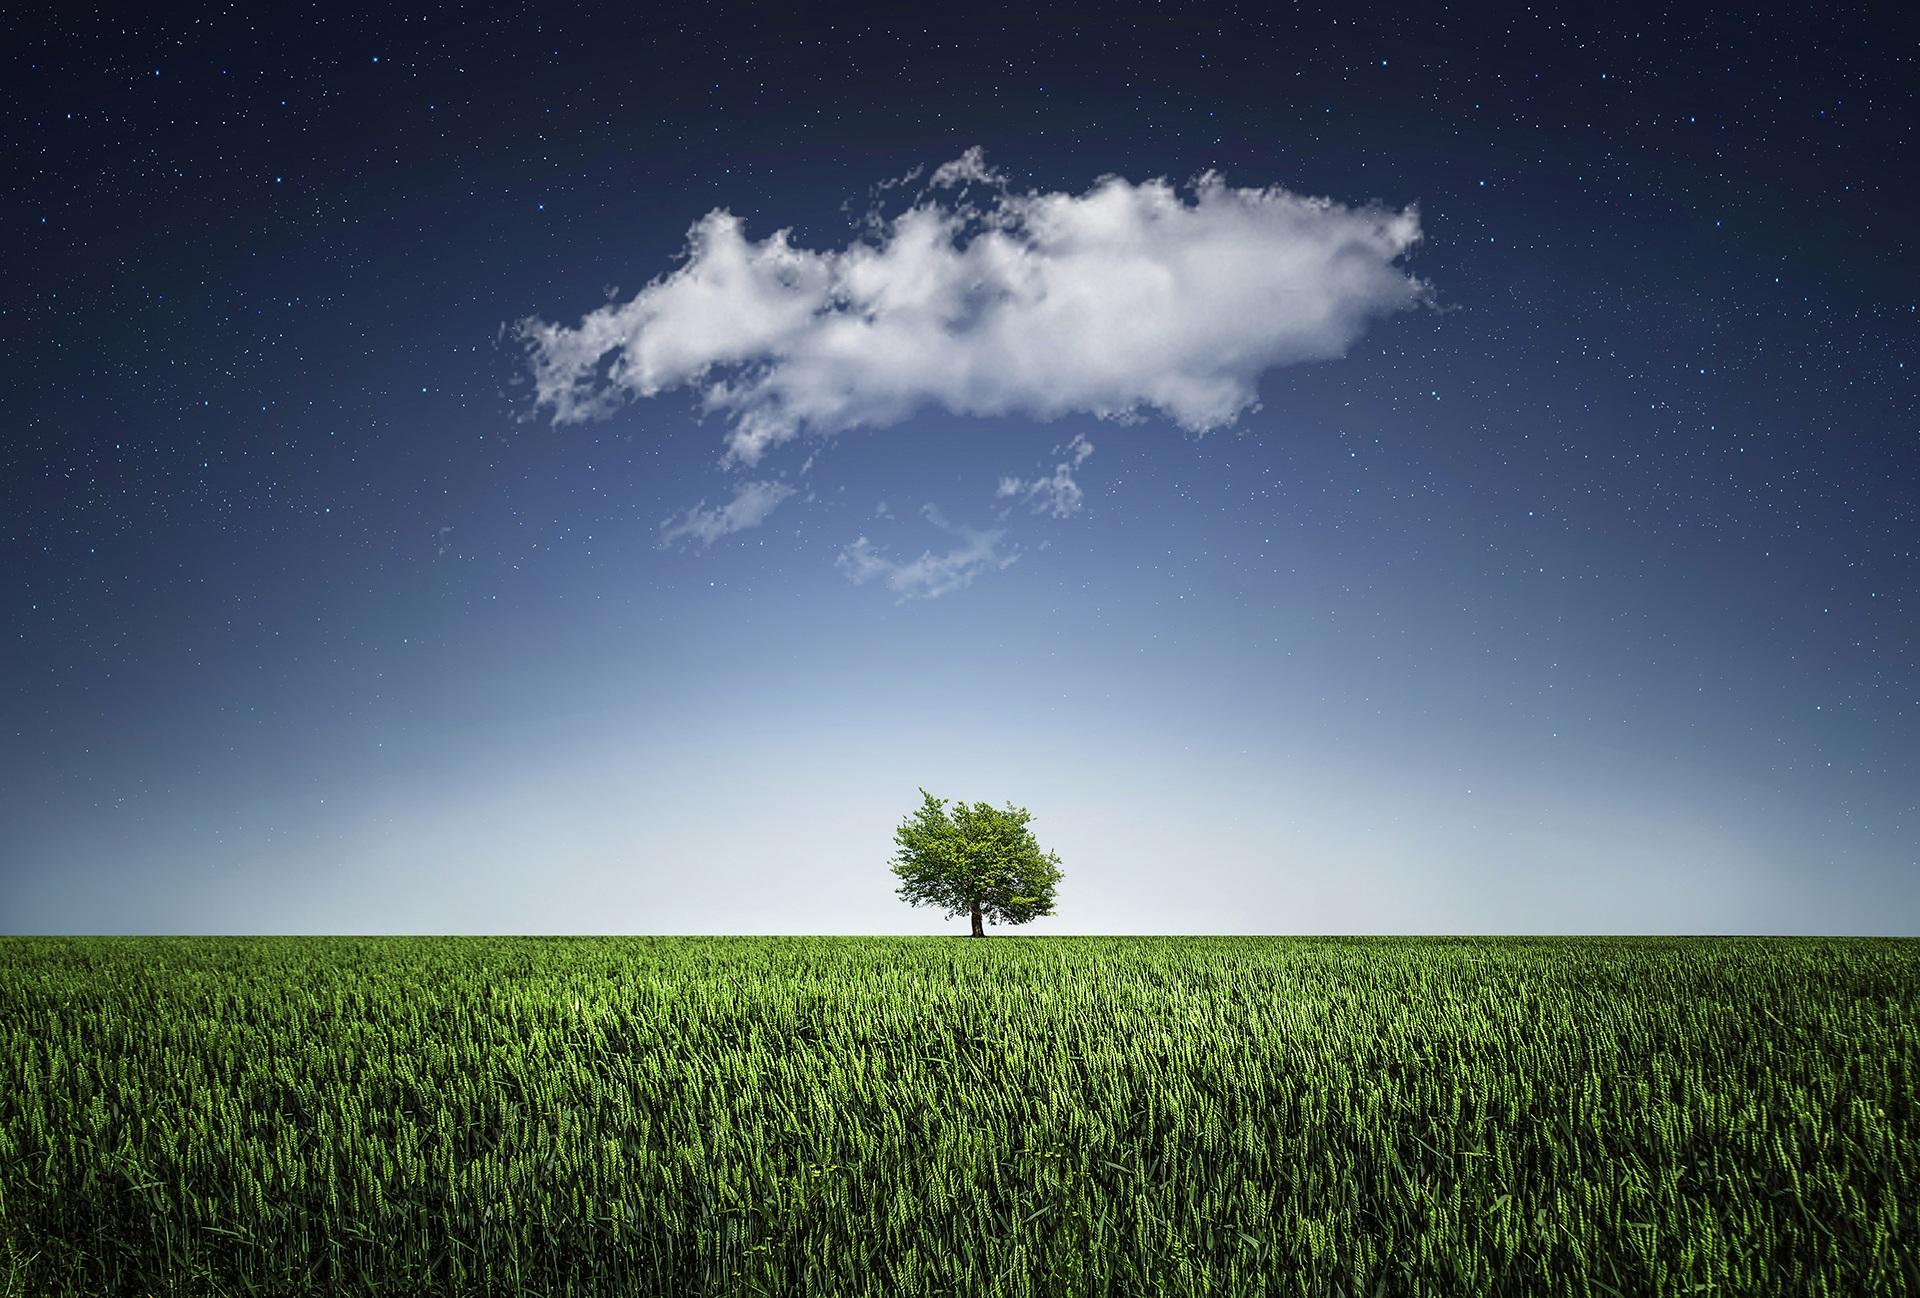 árbol, llanura, nube, cielo, soledad - Fondos de Pantalla HD - professor-falken.com